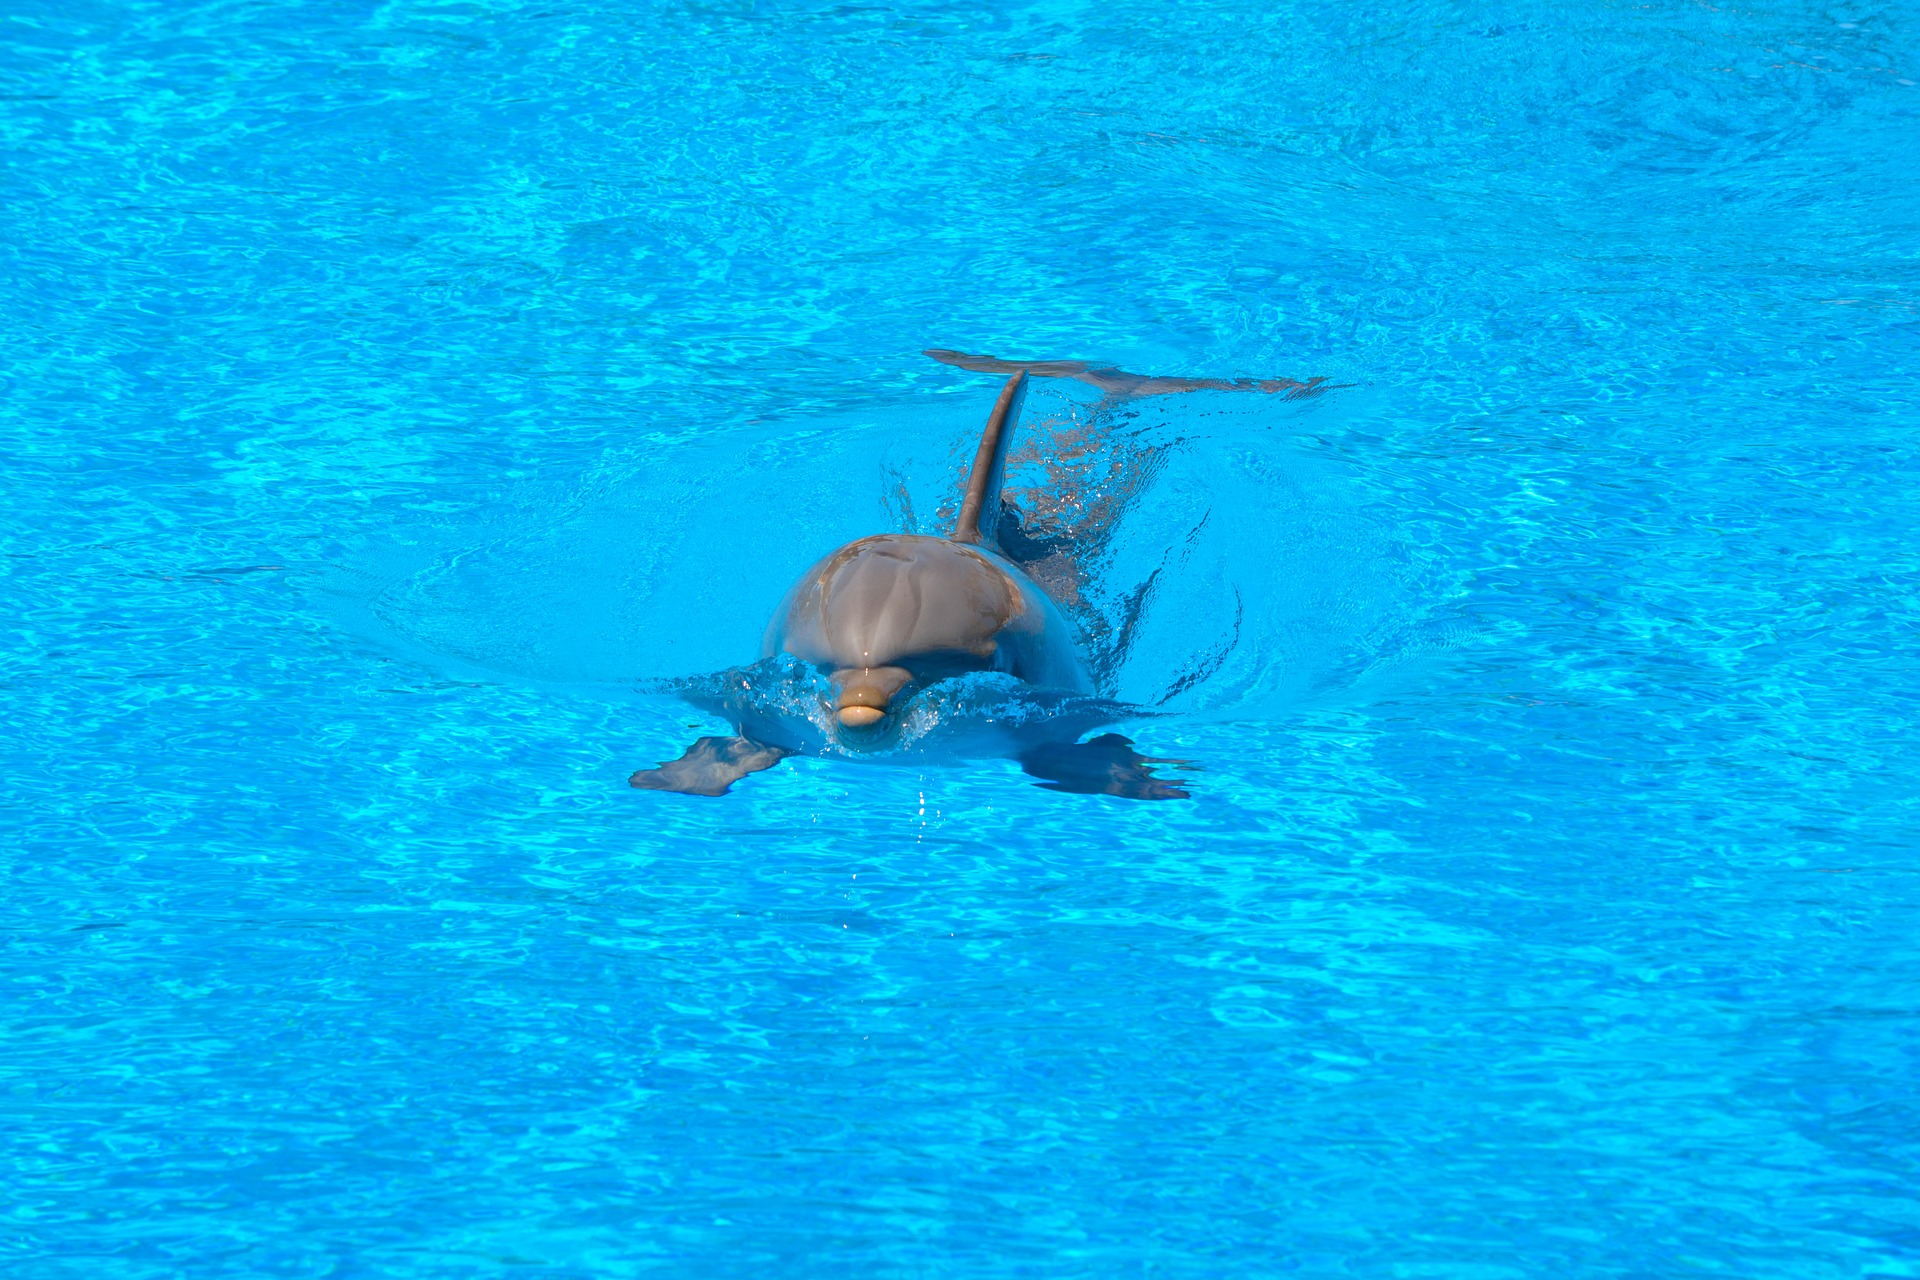 delfín, piscina, agua, nadar, azul - Fondos de Pantalla HD - professor-falken.com